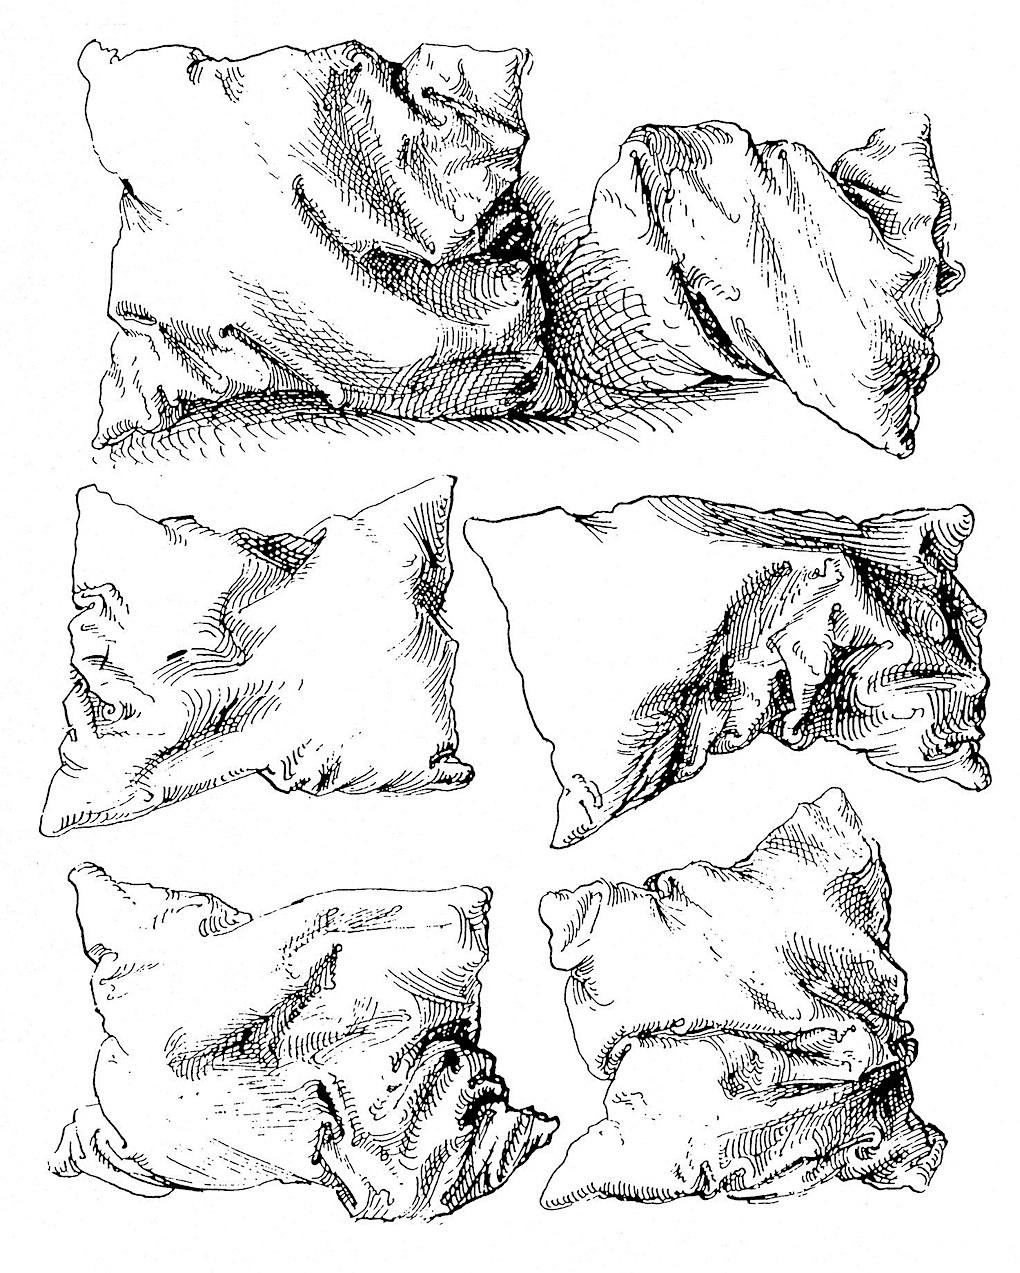 studies of a pillow by Albrecht Dürer, 1493